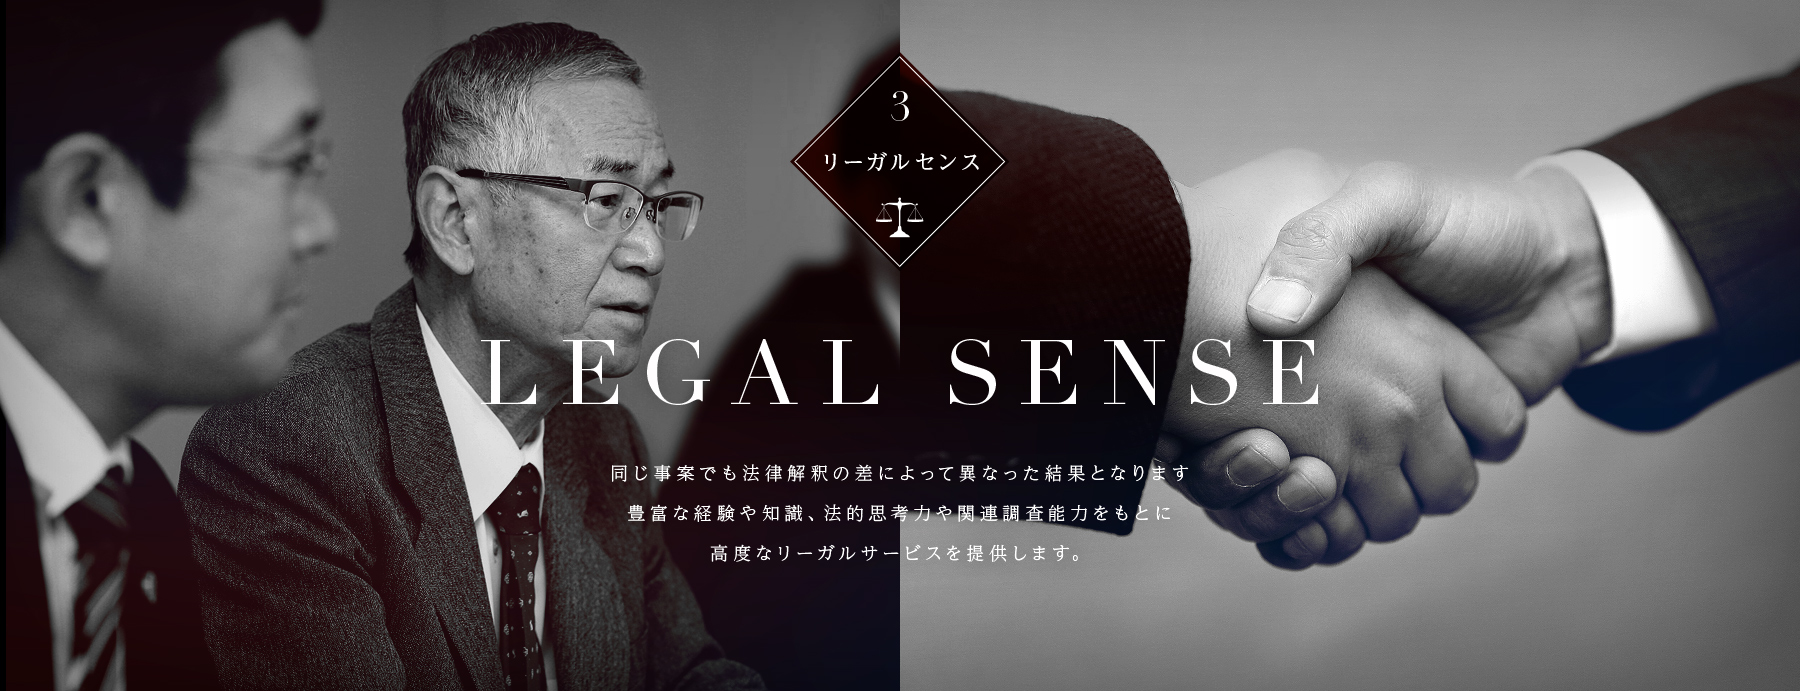 同じ事案でも法律解釈の差によって異なった結果となります 豊富な経験や知識、法的思考力や関連調査能力をもとに 高度なリーガルサービスを提供します。